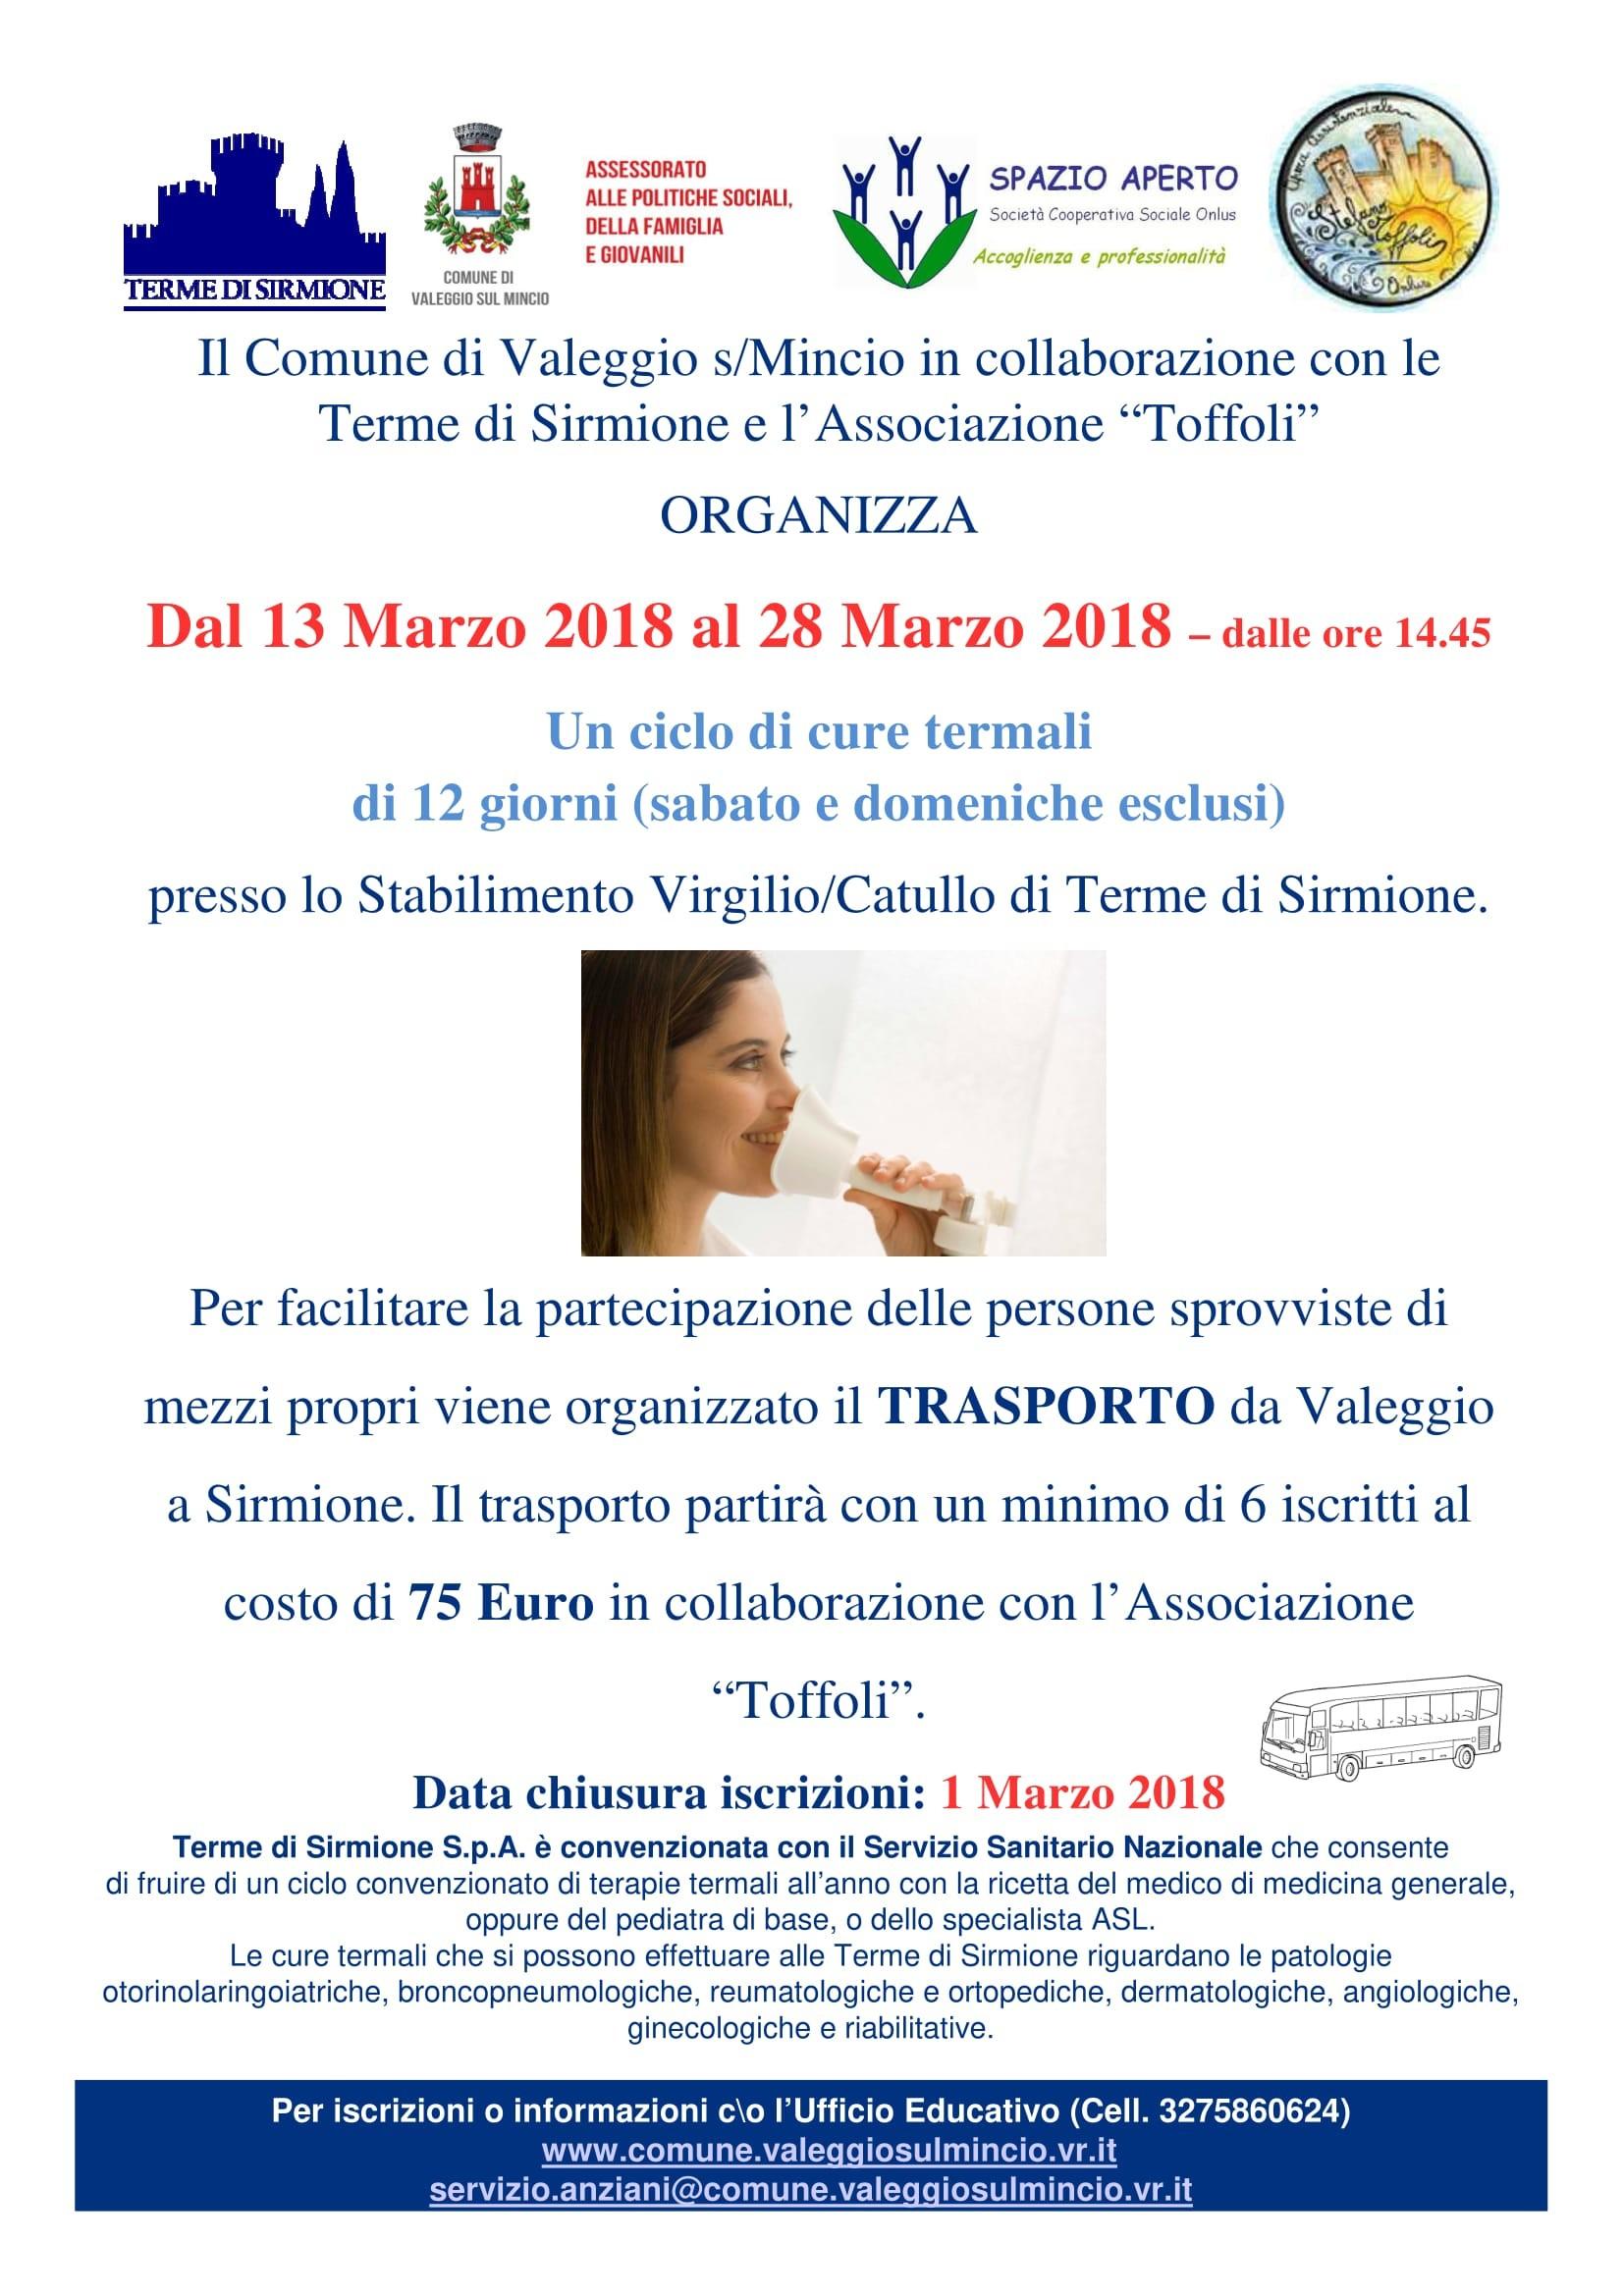 Il une di Valeggio sul Mincio organizza in collaborazione con l Opera assistenziale S Toffoli lus